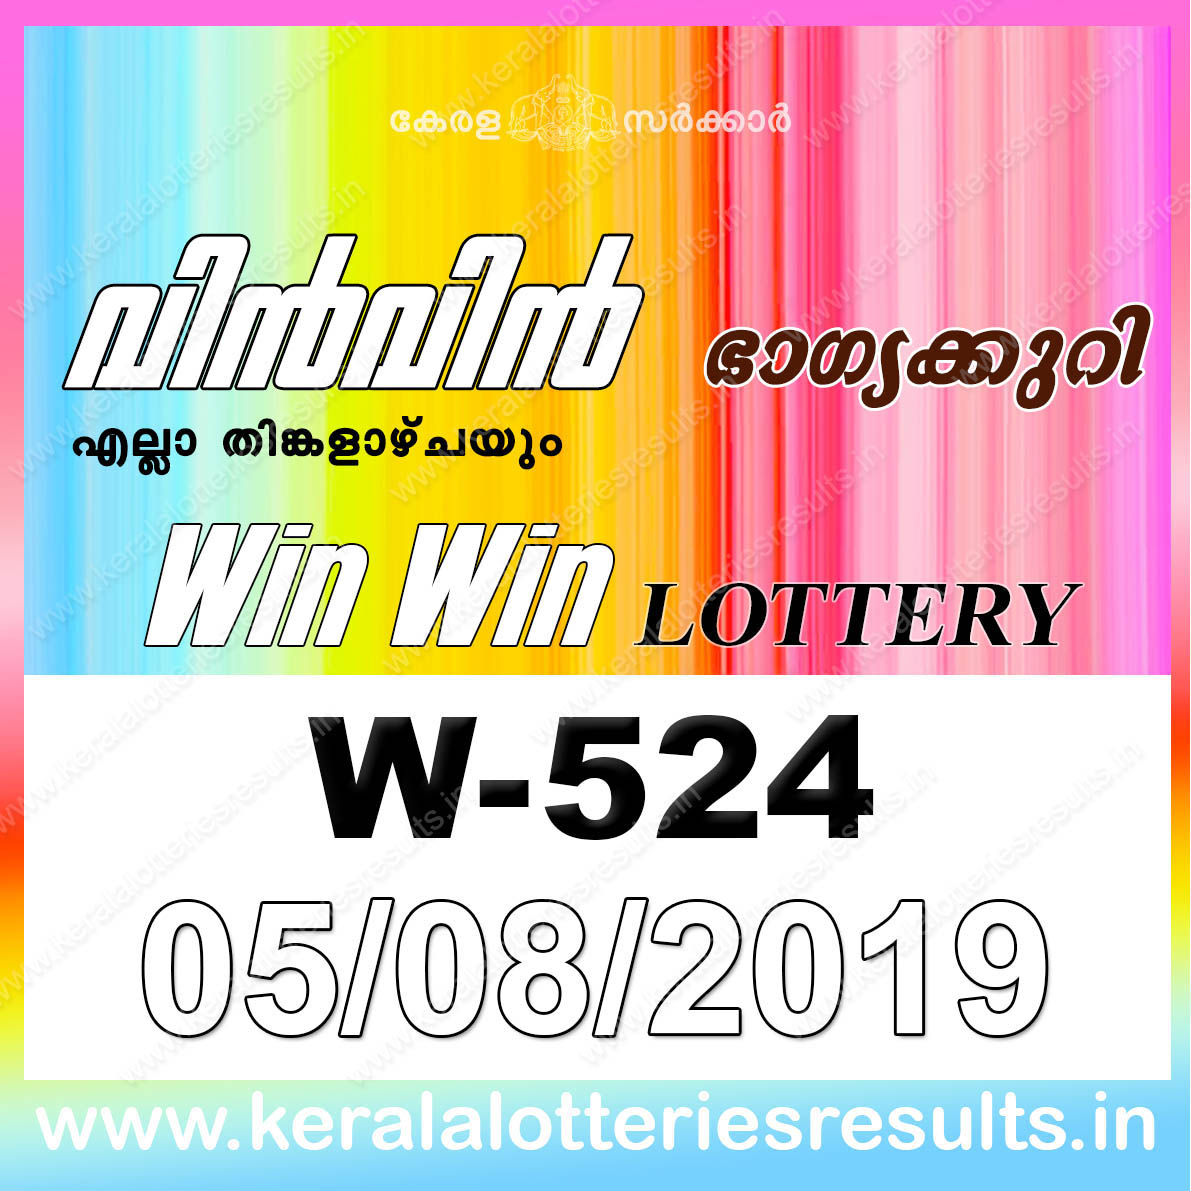 Kerala Lottery Results 05 08 2019 Win Win W-524 Result